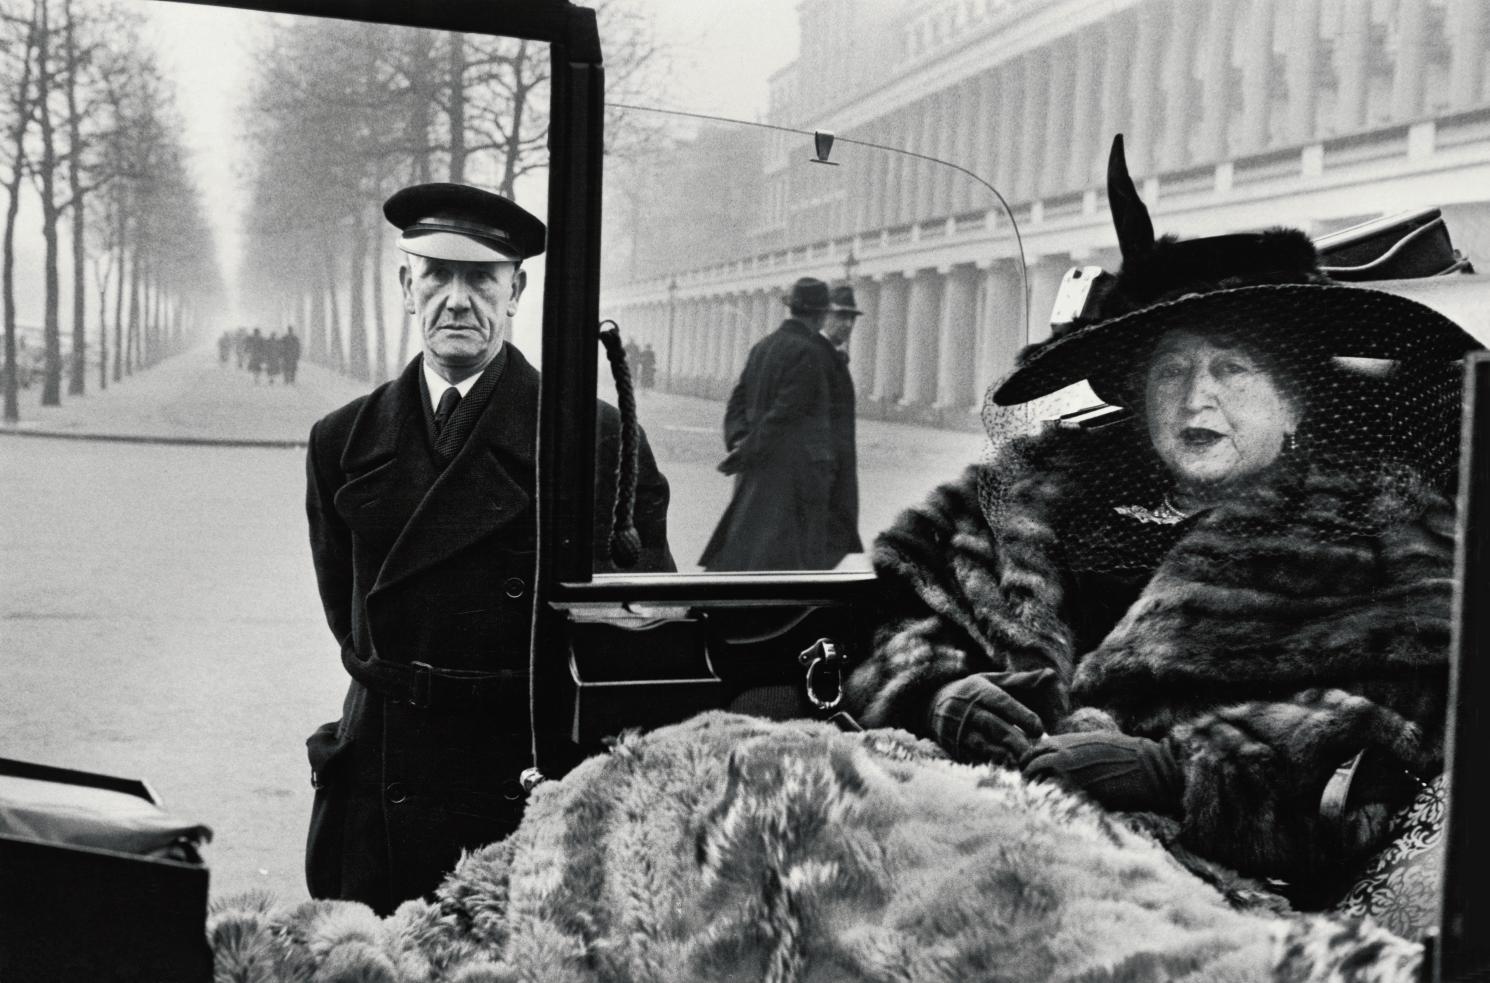 1953년 버킹엄 궁 몰에서의 이블리 내시